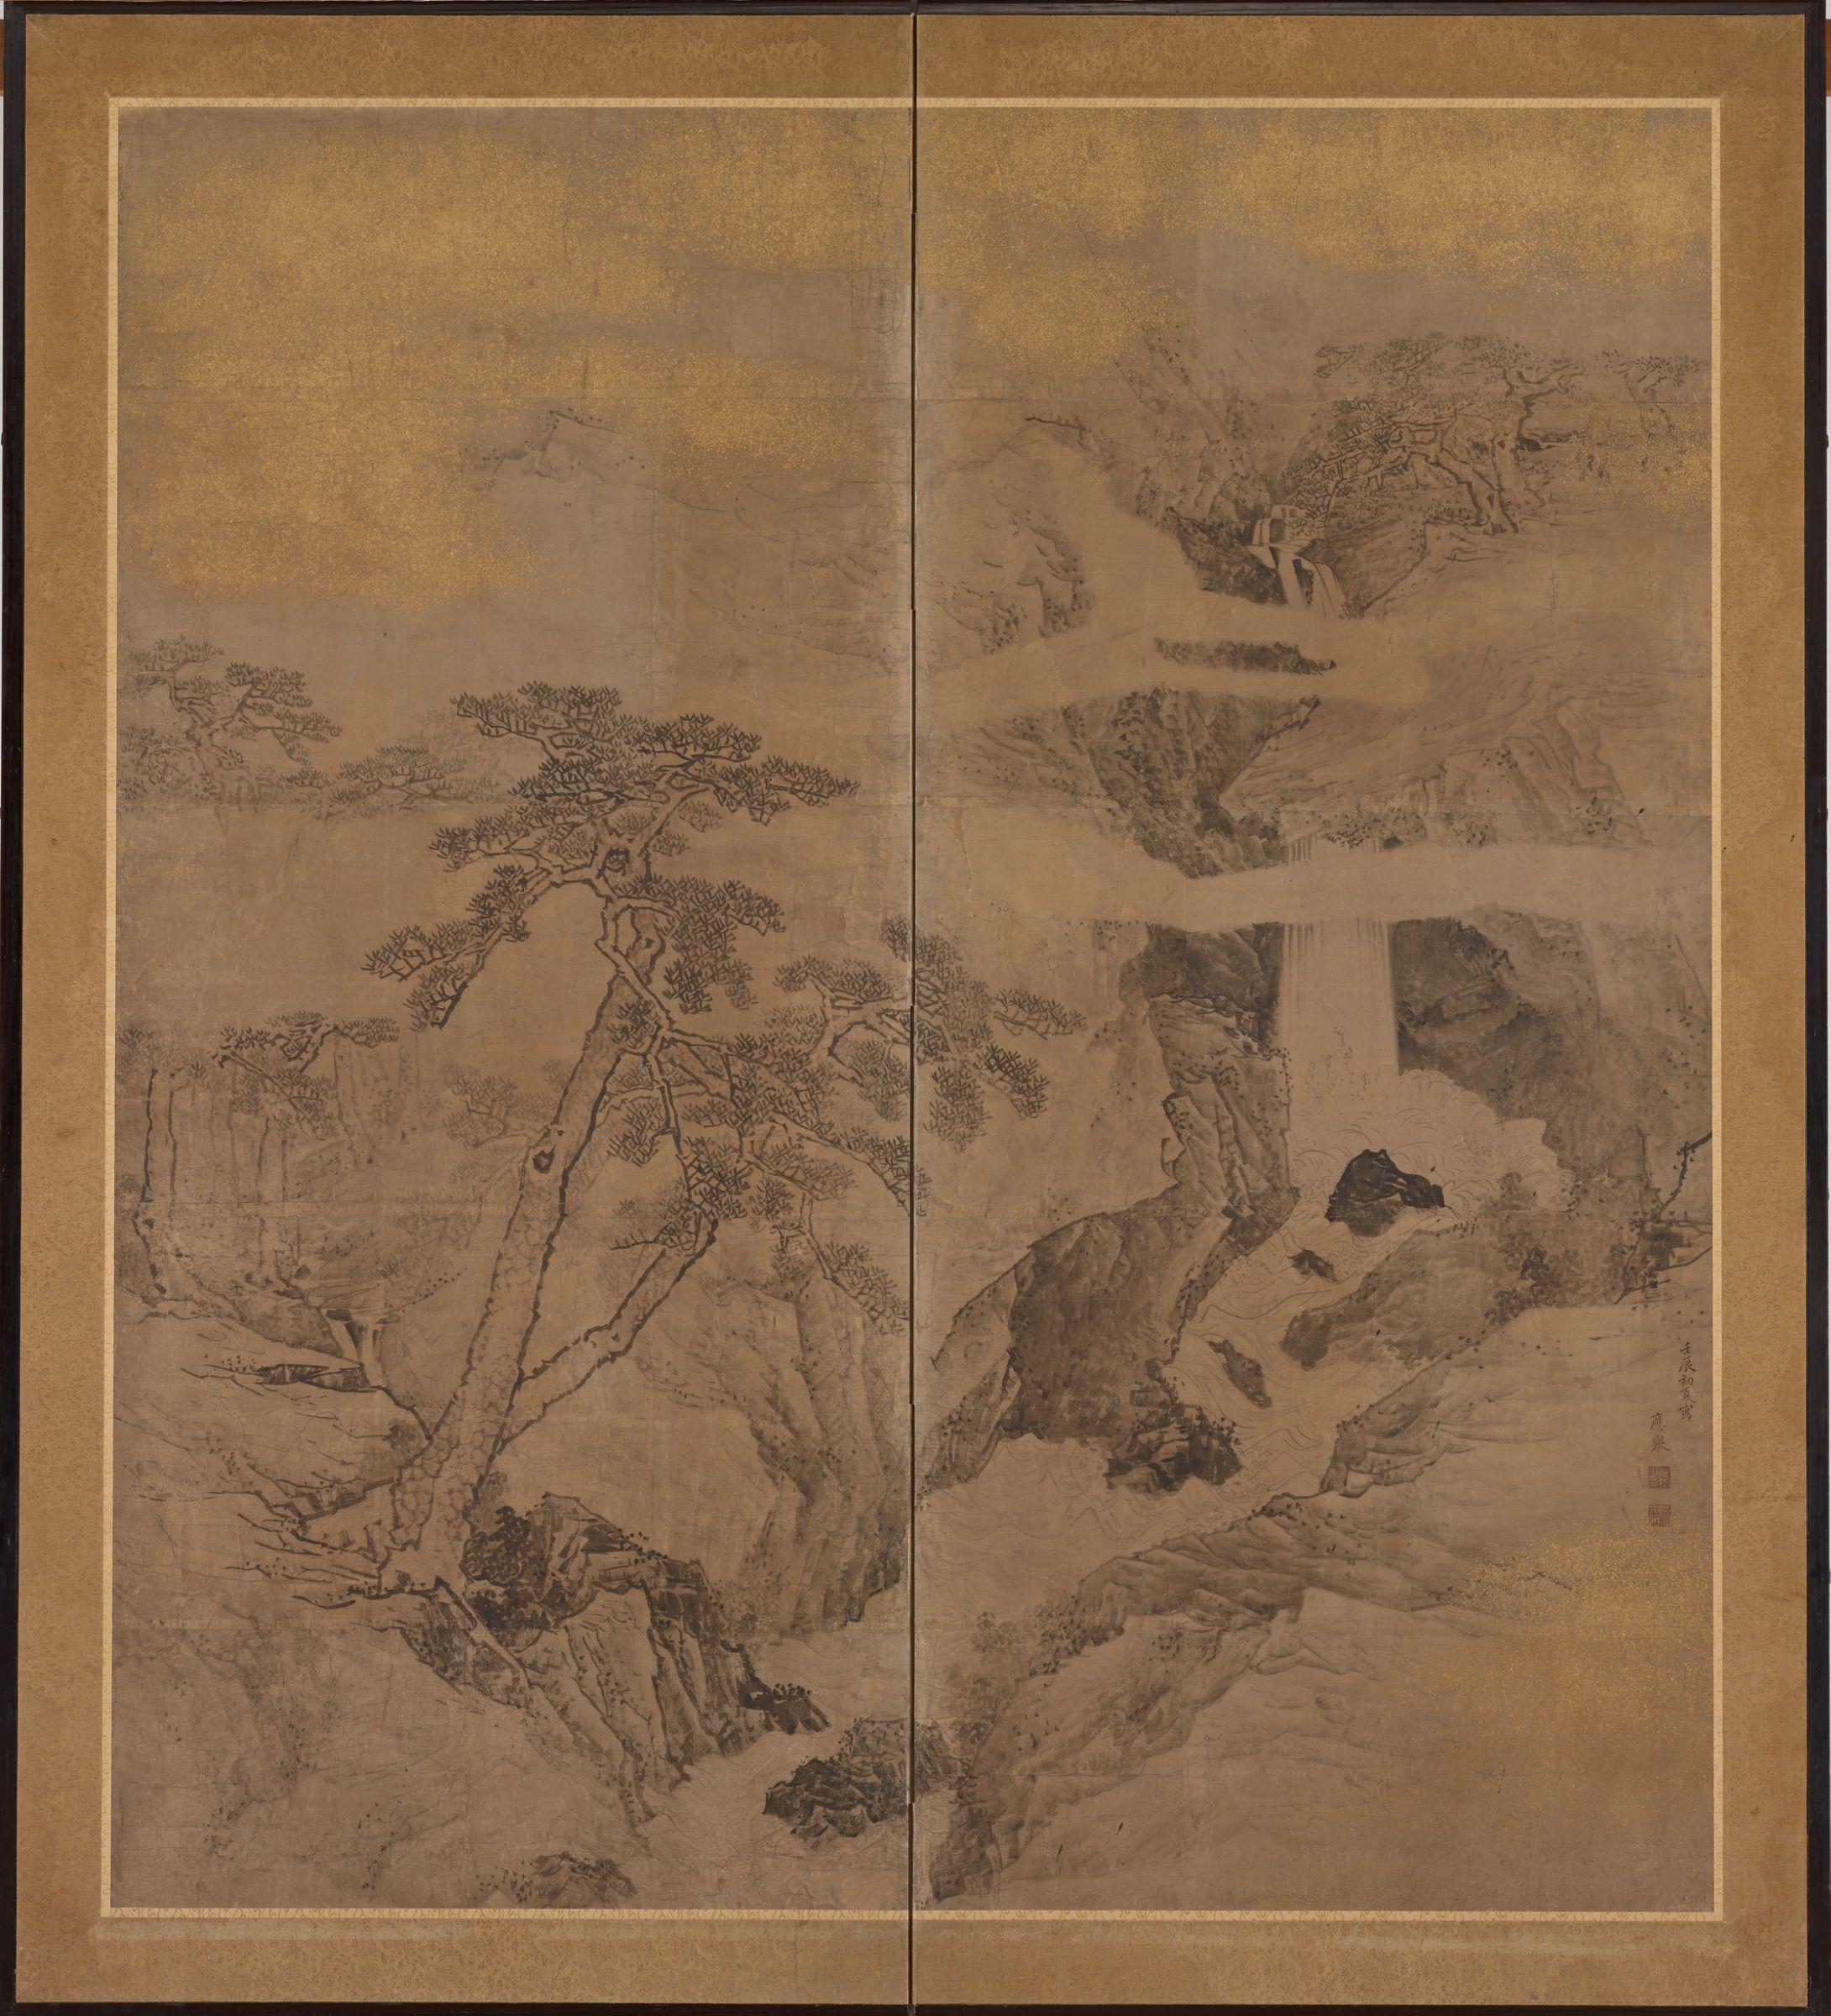 Maruyama Ōkyo,